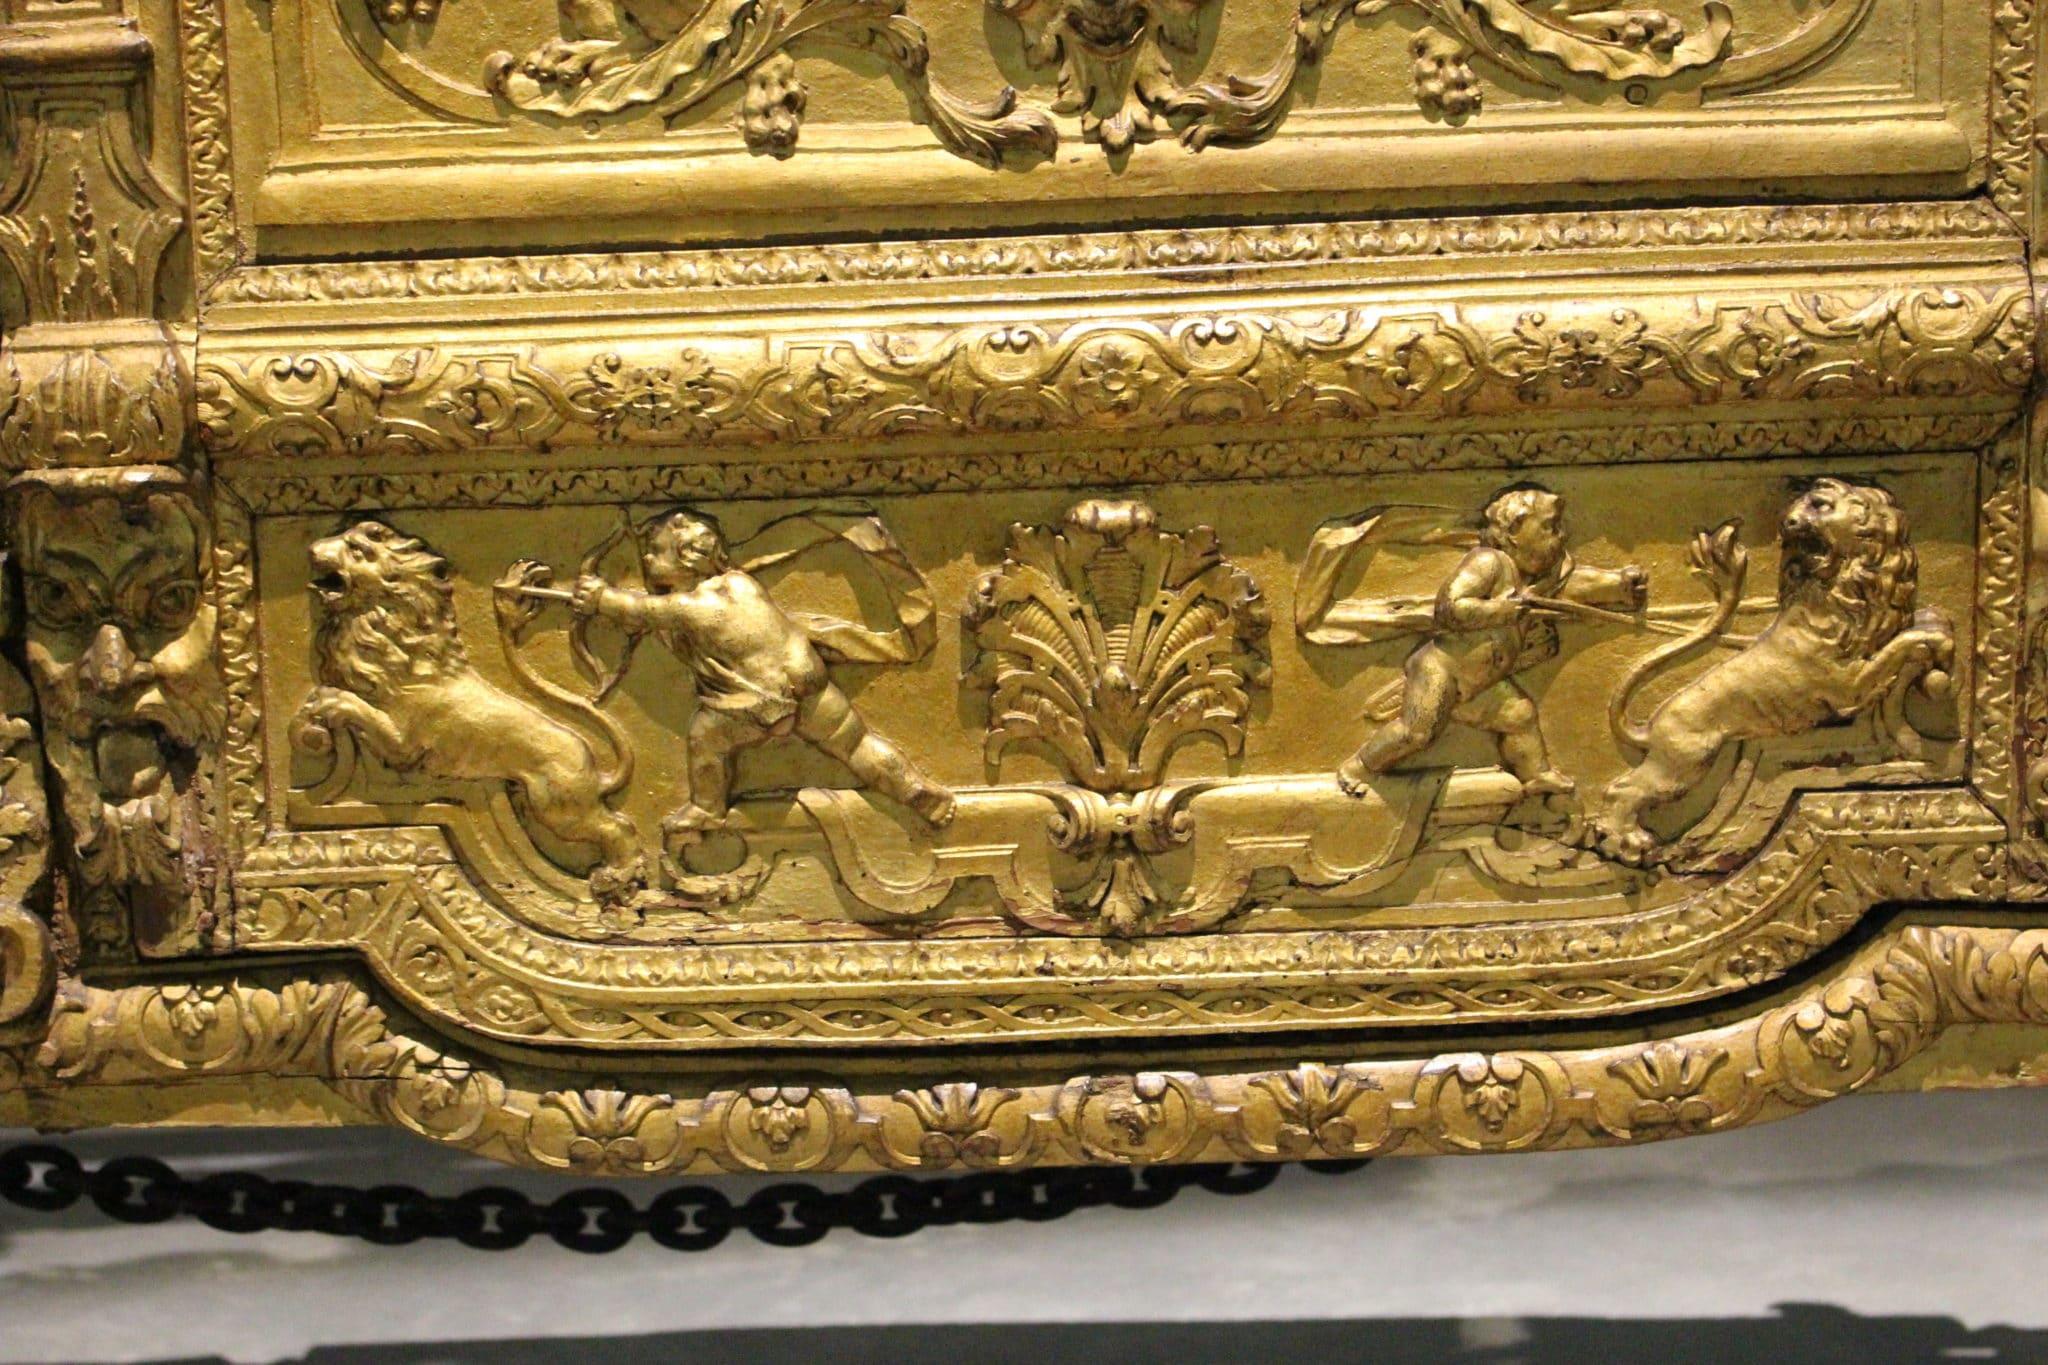 Pormenor da porta do Coche de Maria Ana de Áustria (Museu Nacional dos Coches)